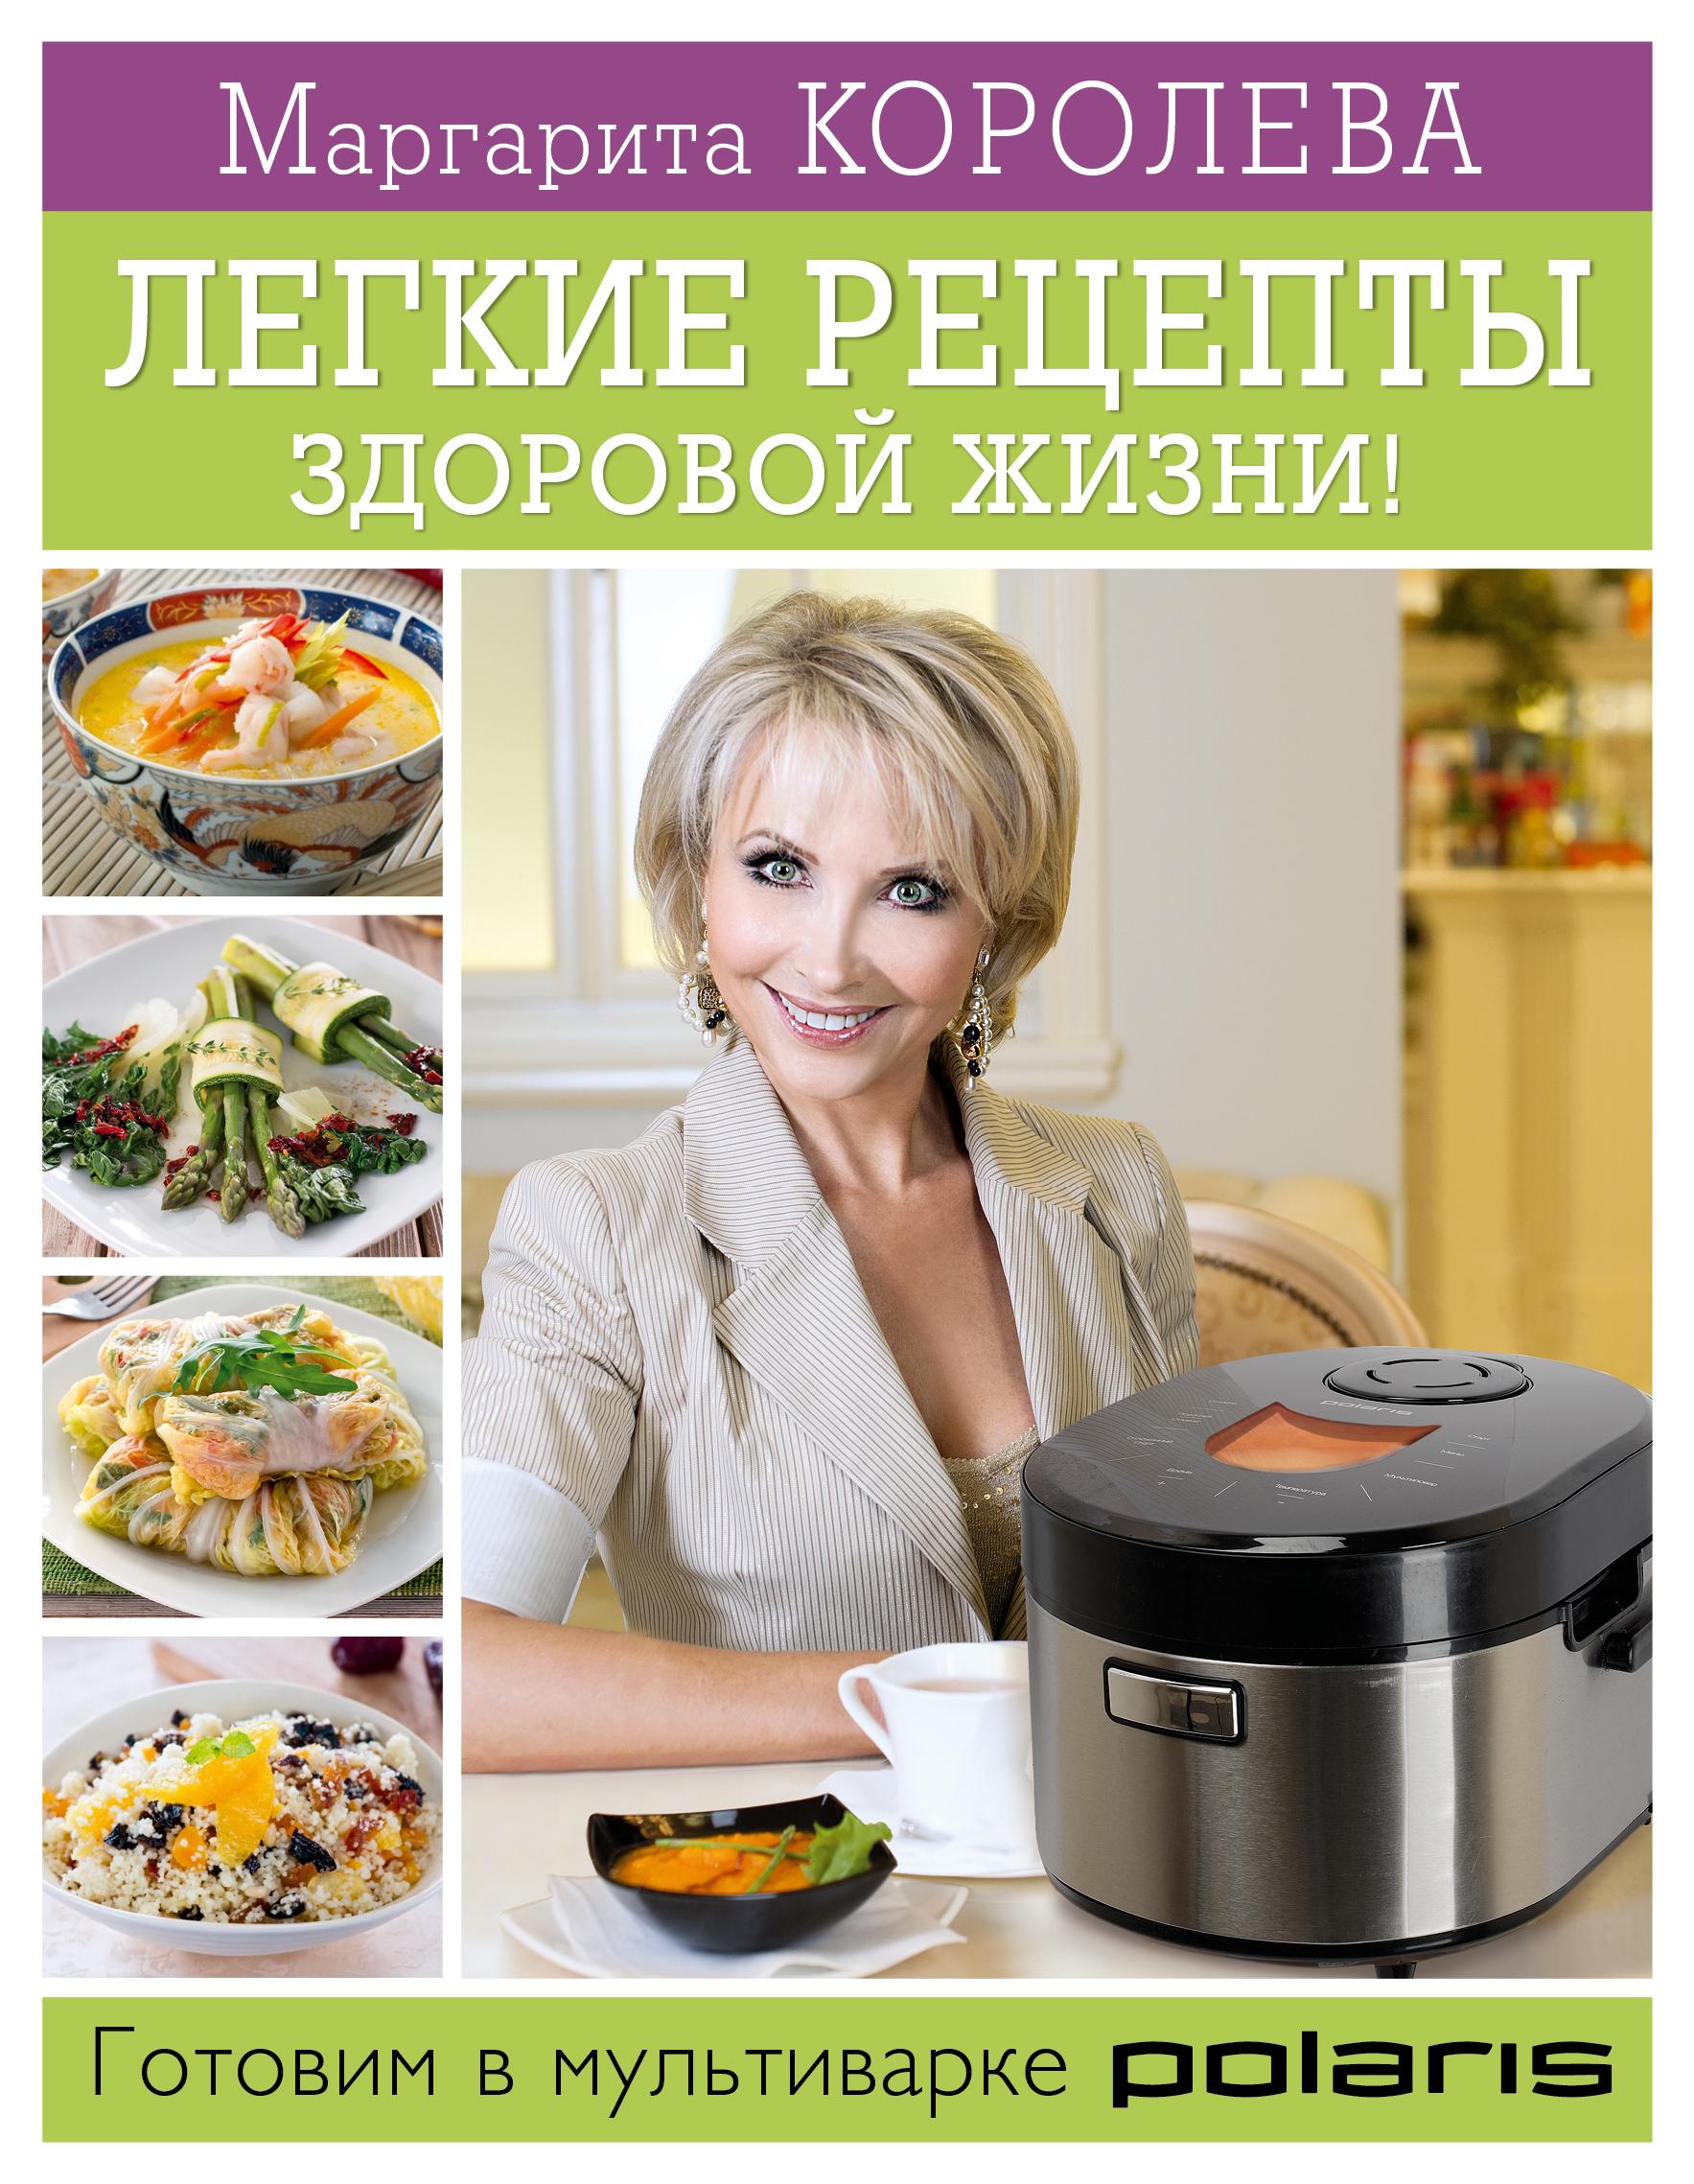 Королева М. Легкие рецепты здоровой жизни! Готовим в мультиварке экспресс рецепты готовим в мультиварке